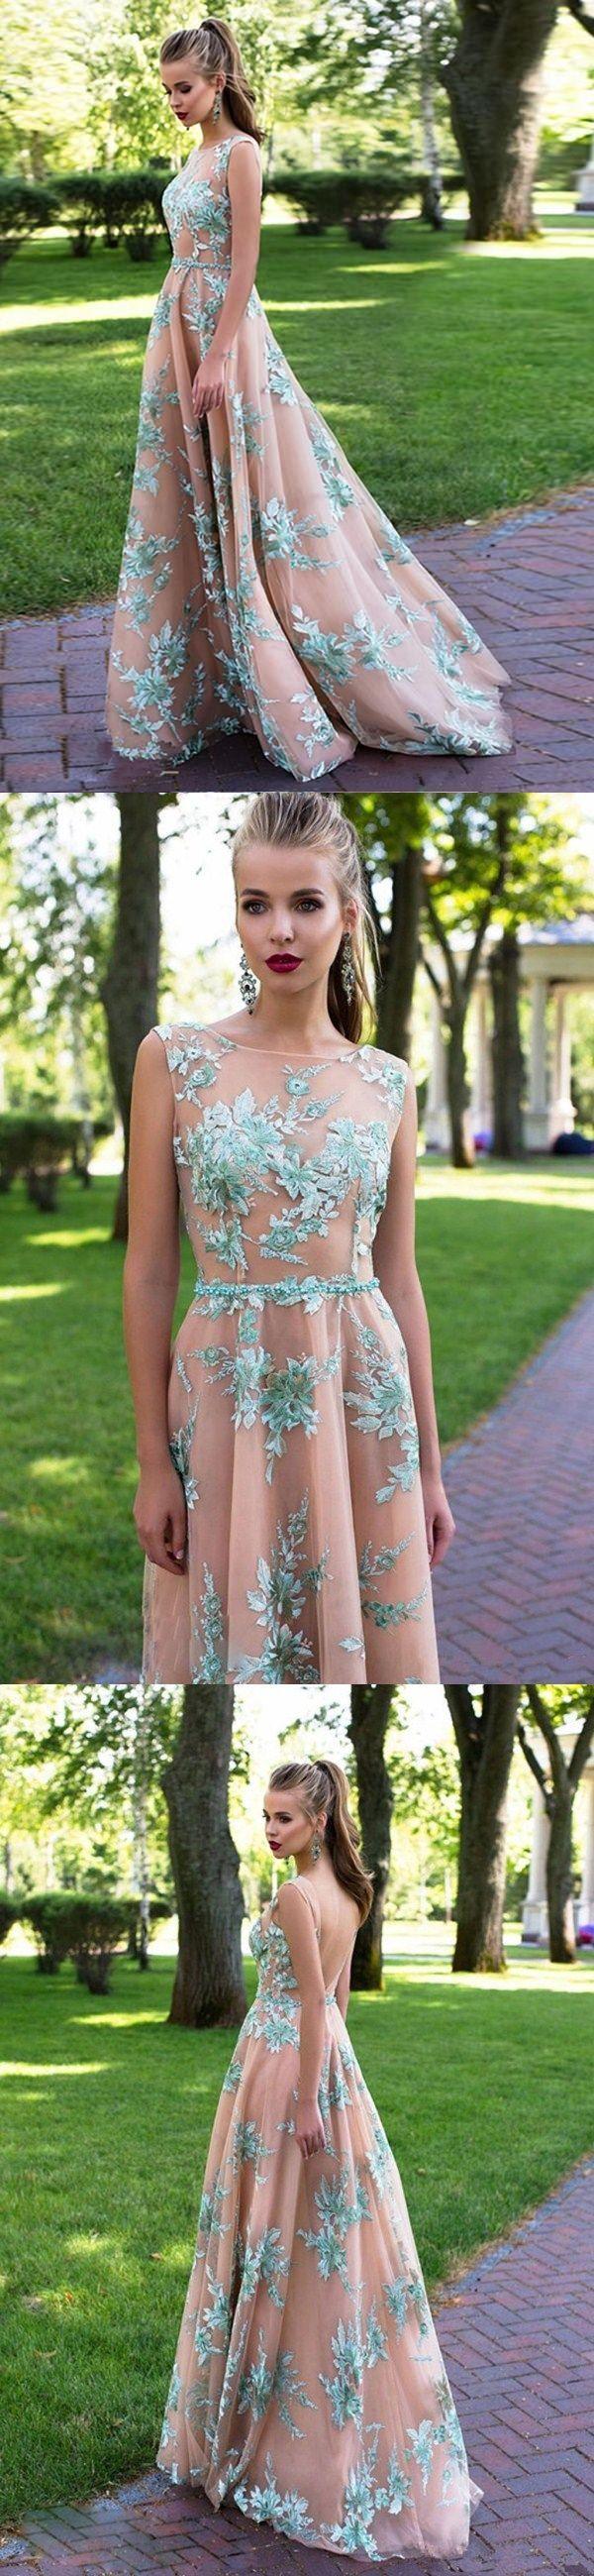 Prom dresses longprom dresses prom dresses elegant prom